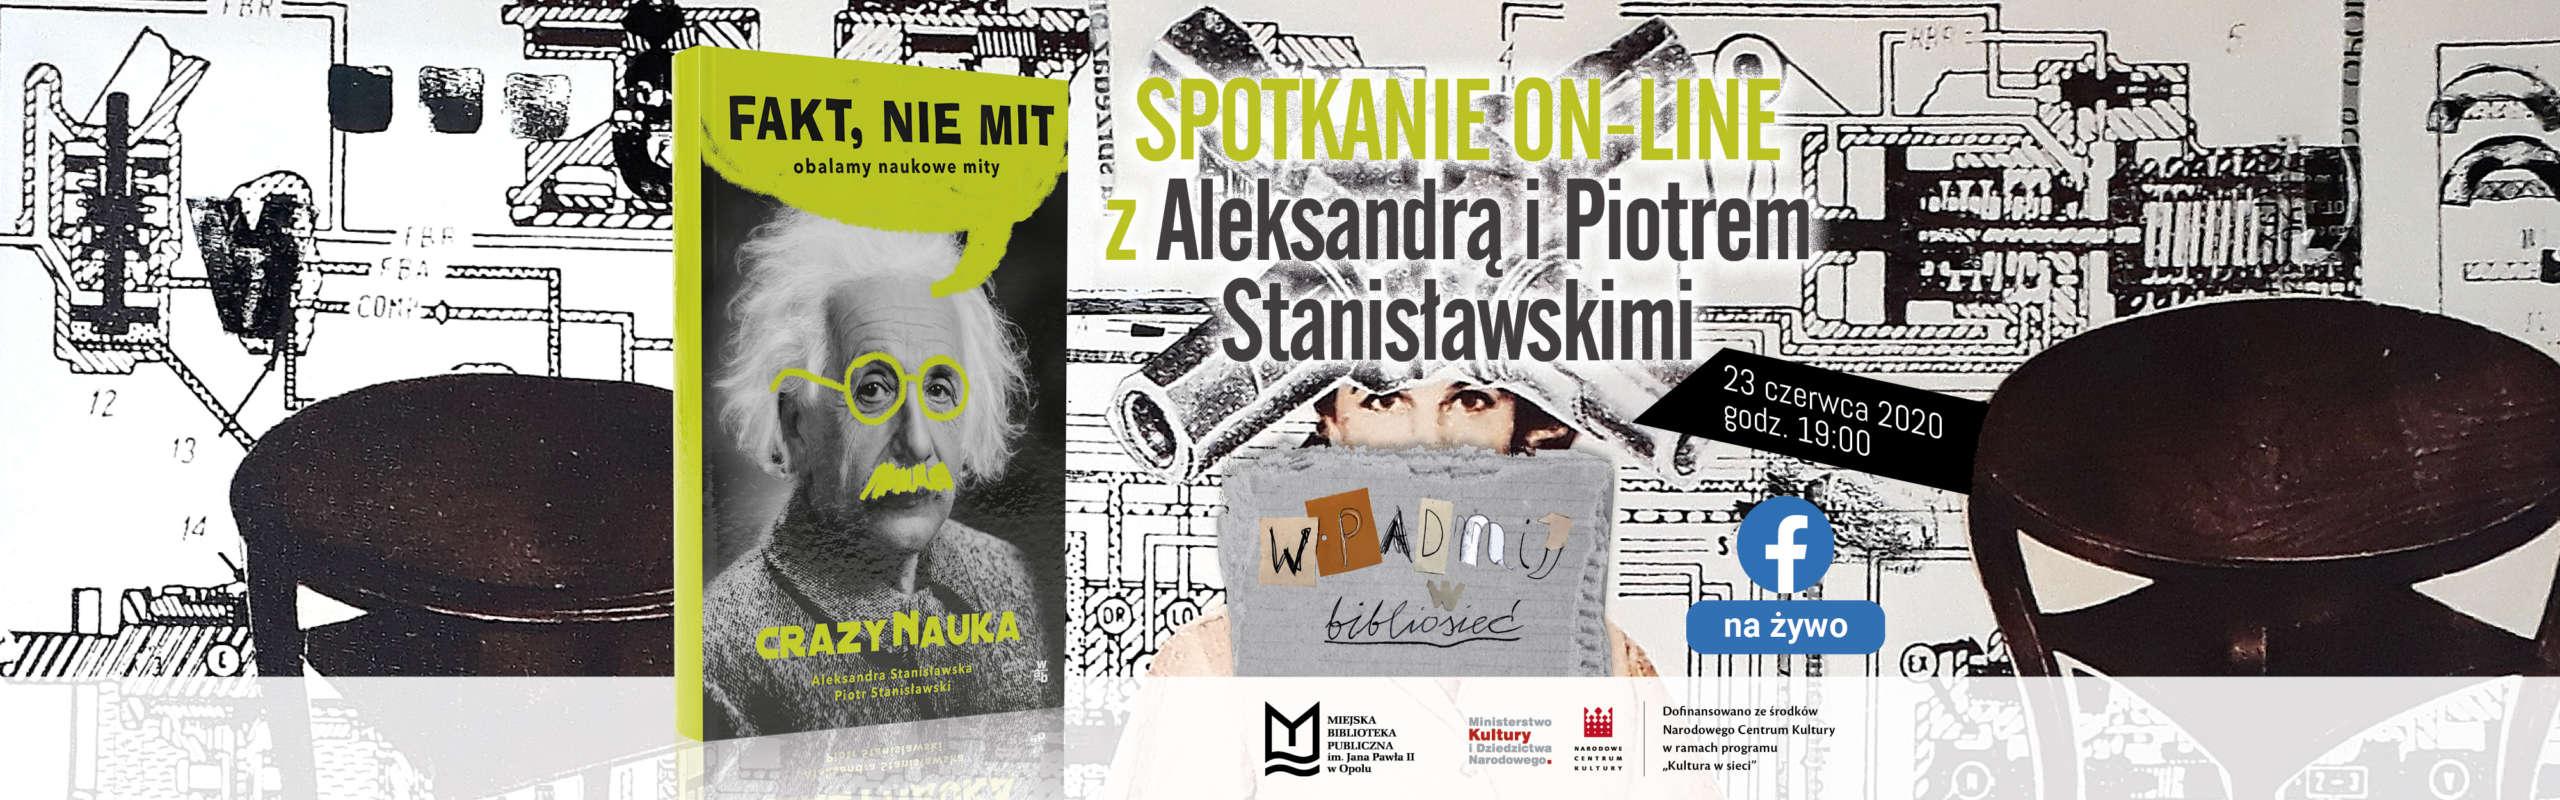 Fakt, nie mit – spotkanie on-line z Aleksandrą i Piotrem Stanisławskimi